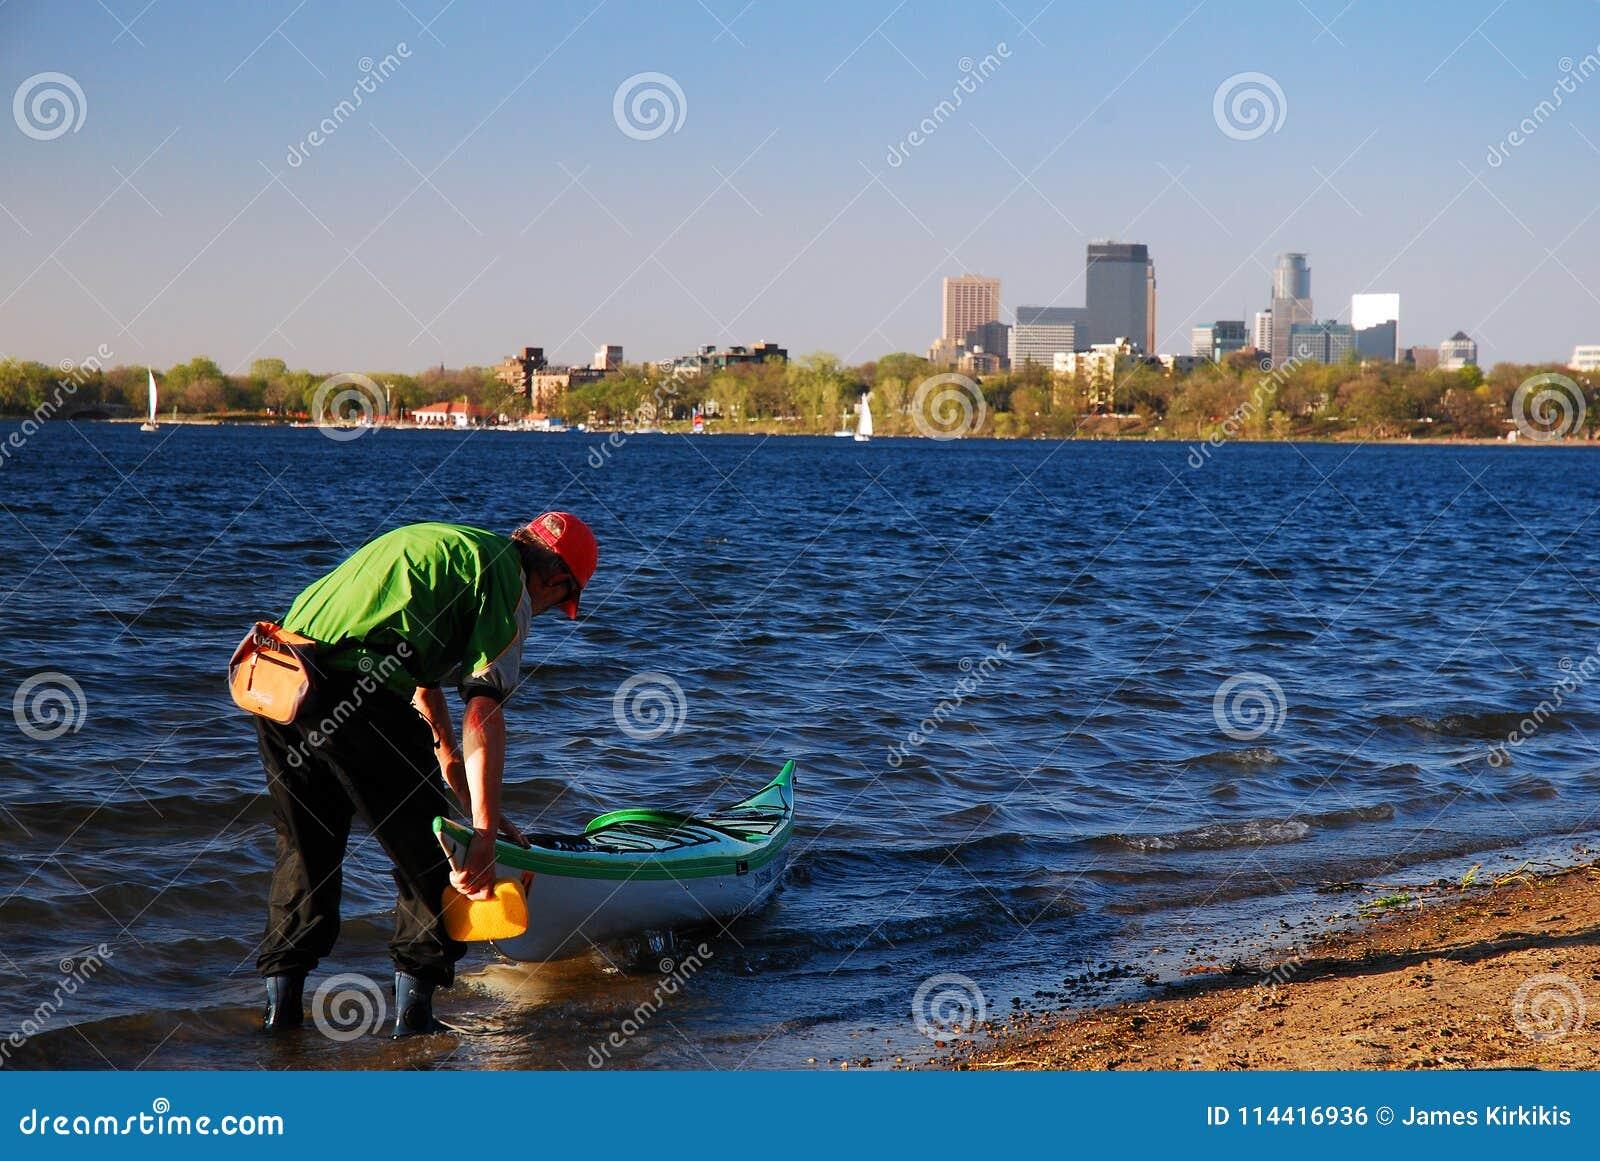 Kayaking at a city park